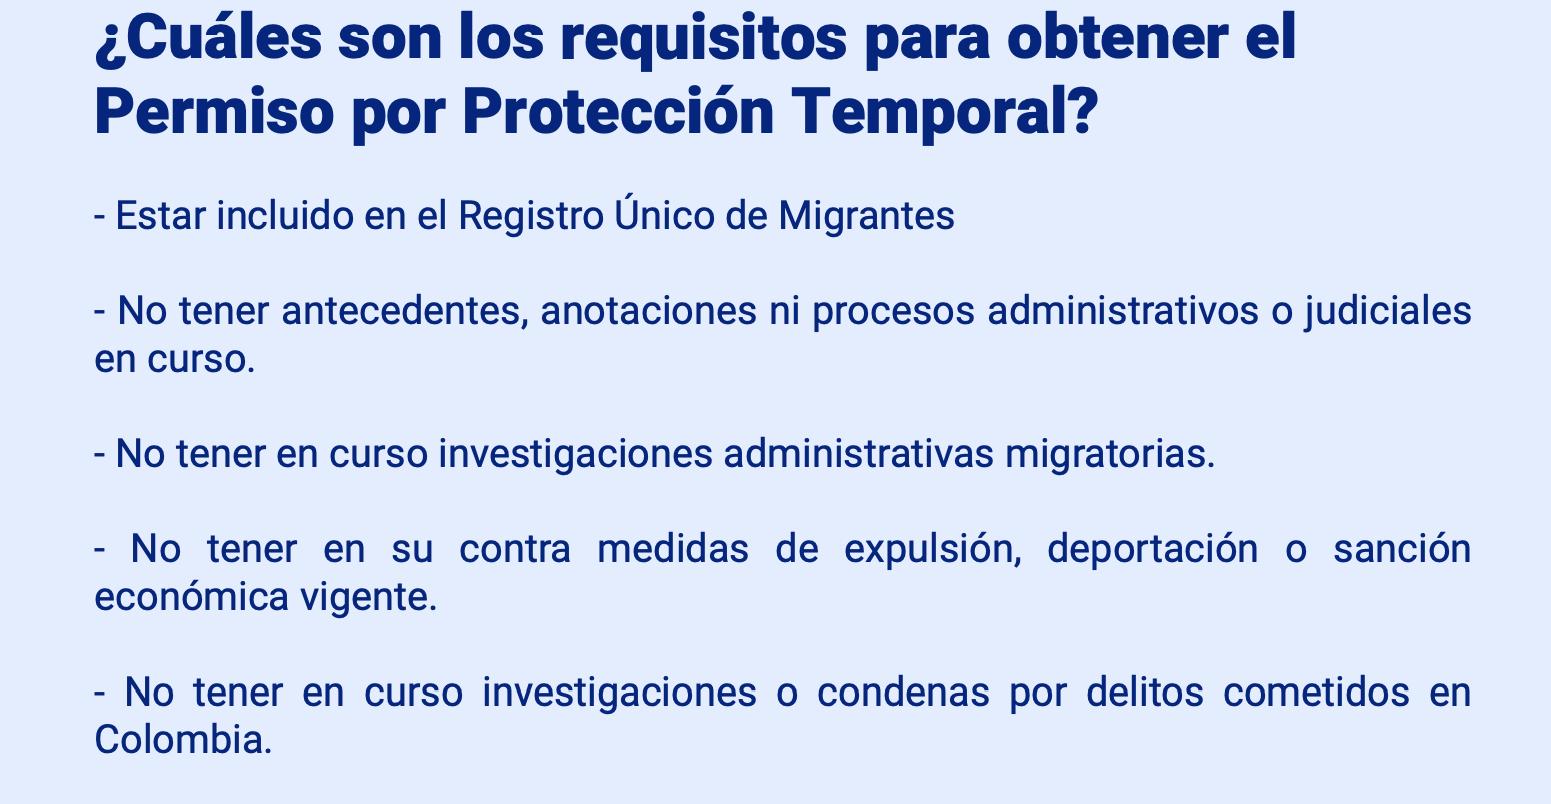 Requisitos_PPT